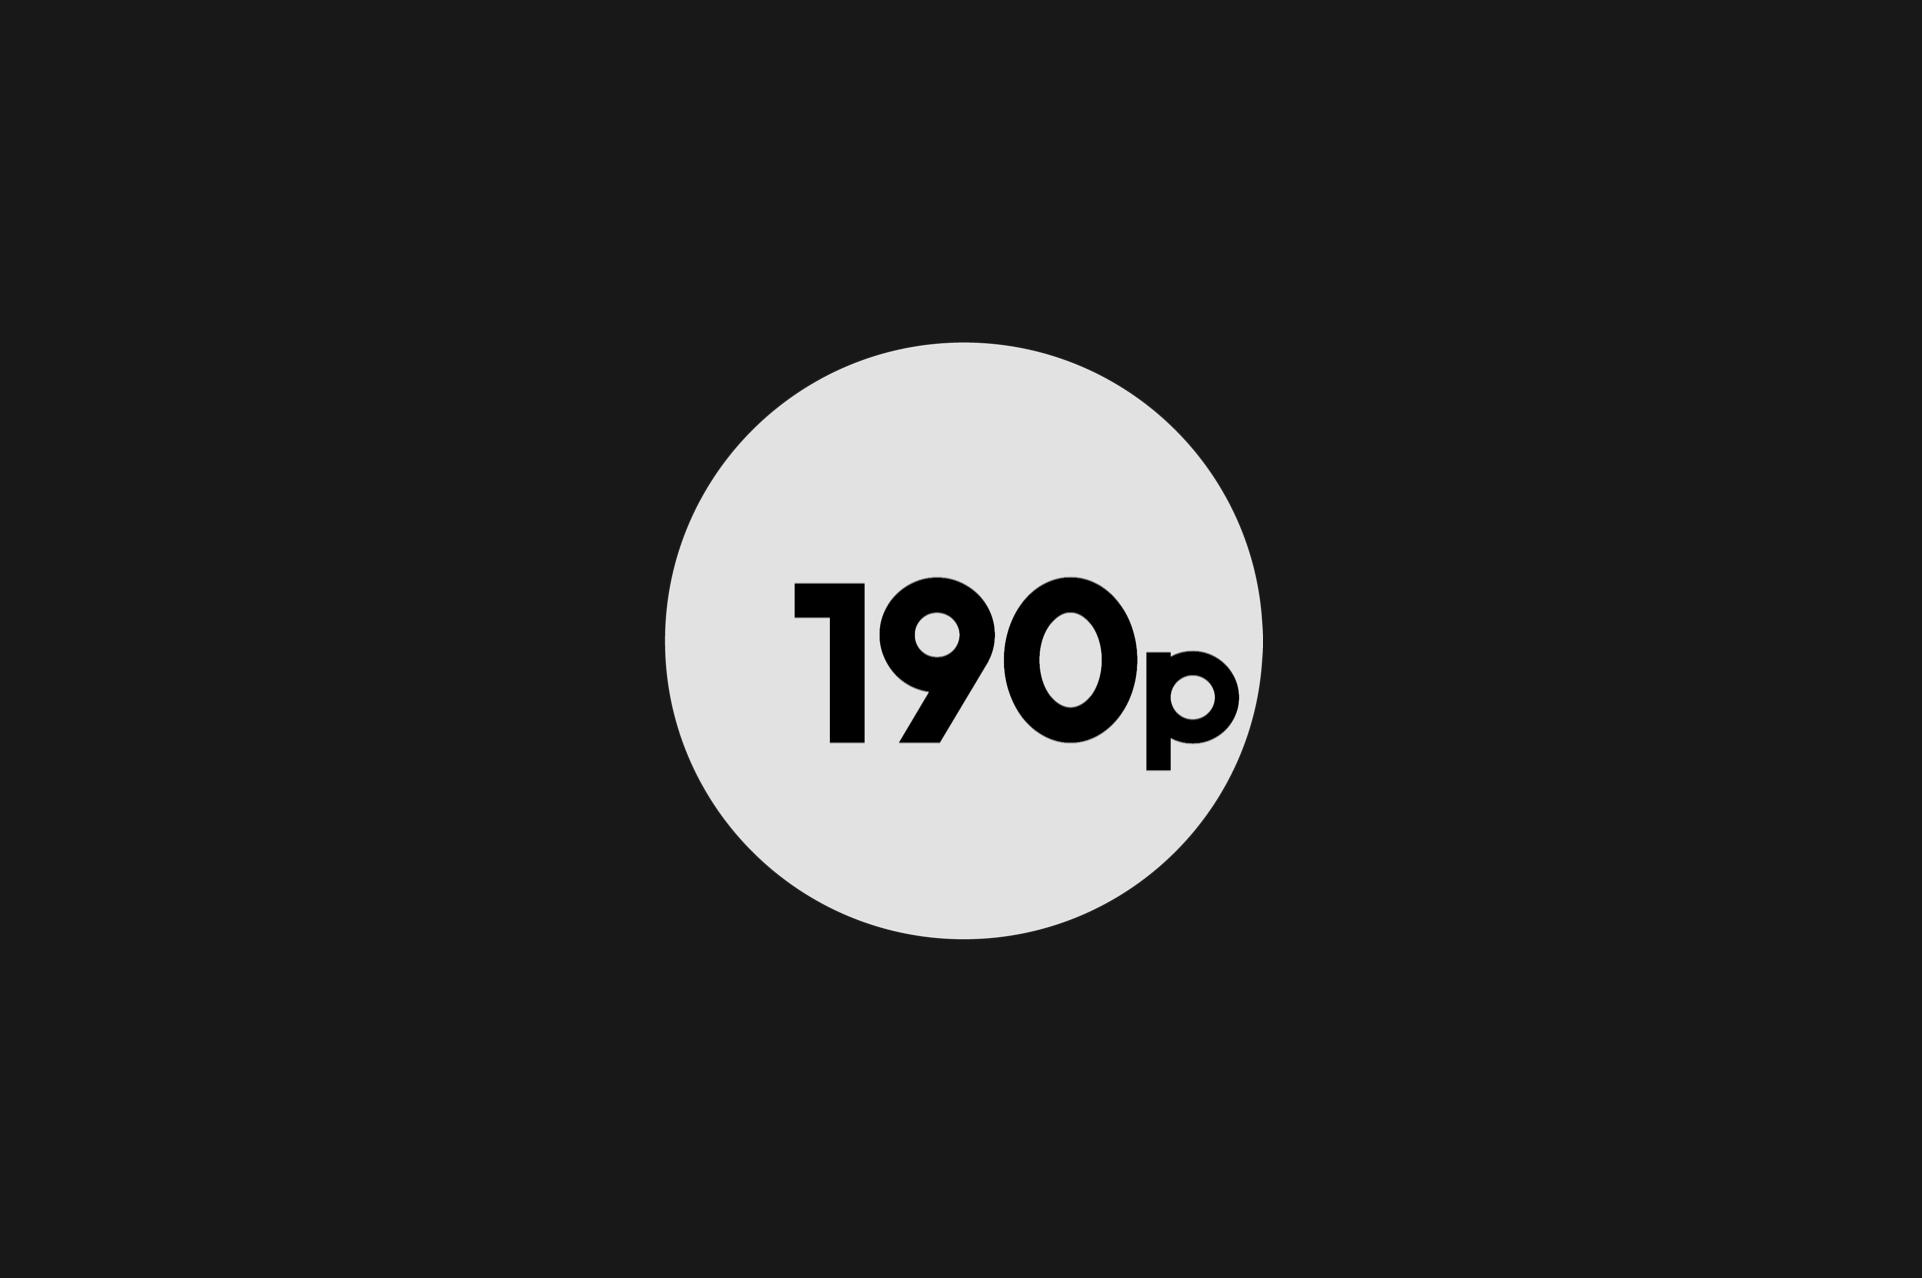 Logo 190p